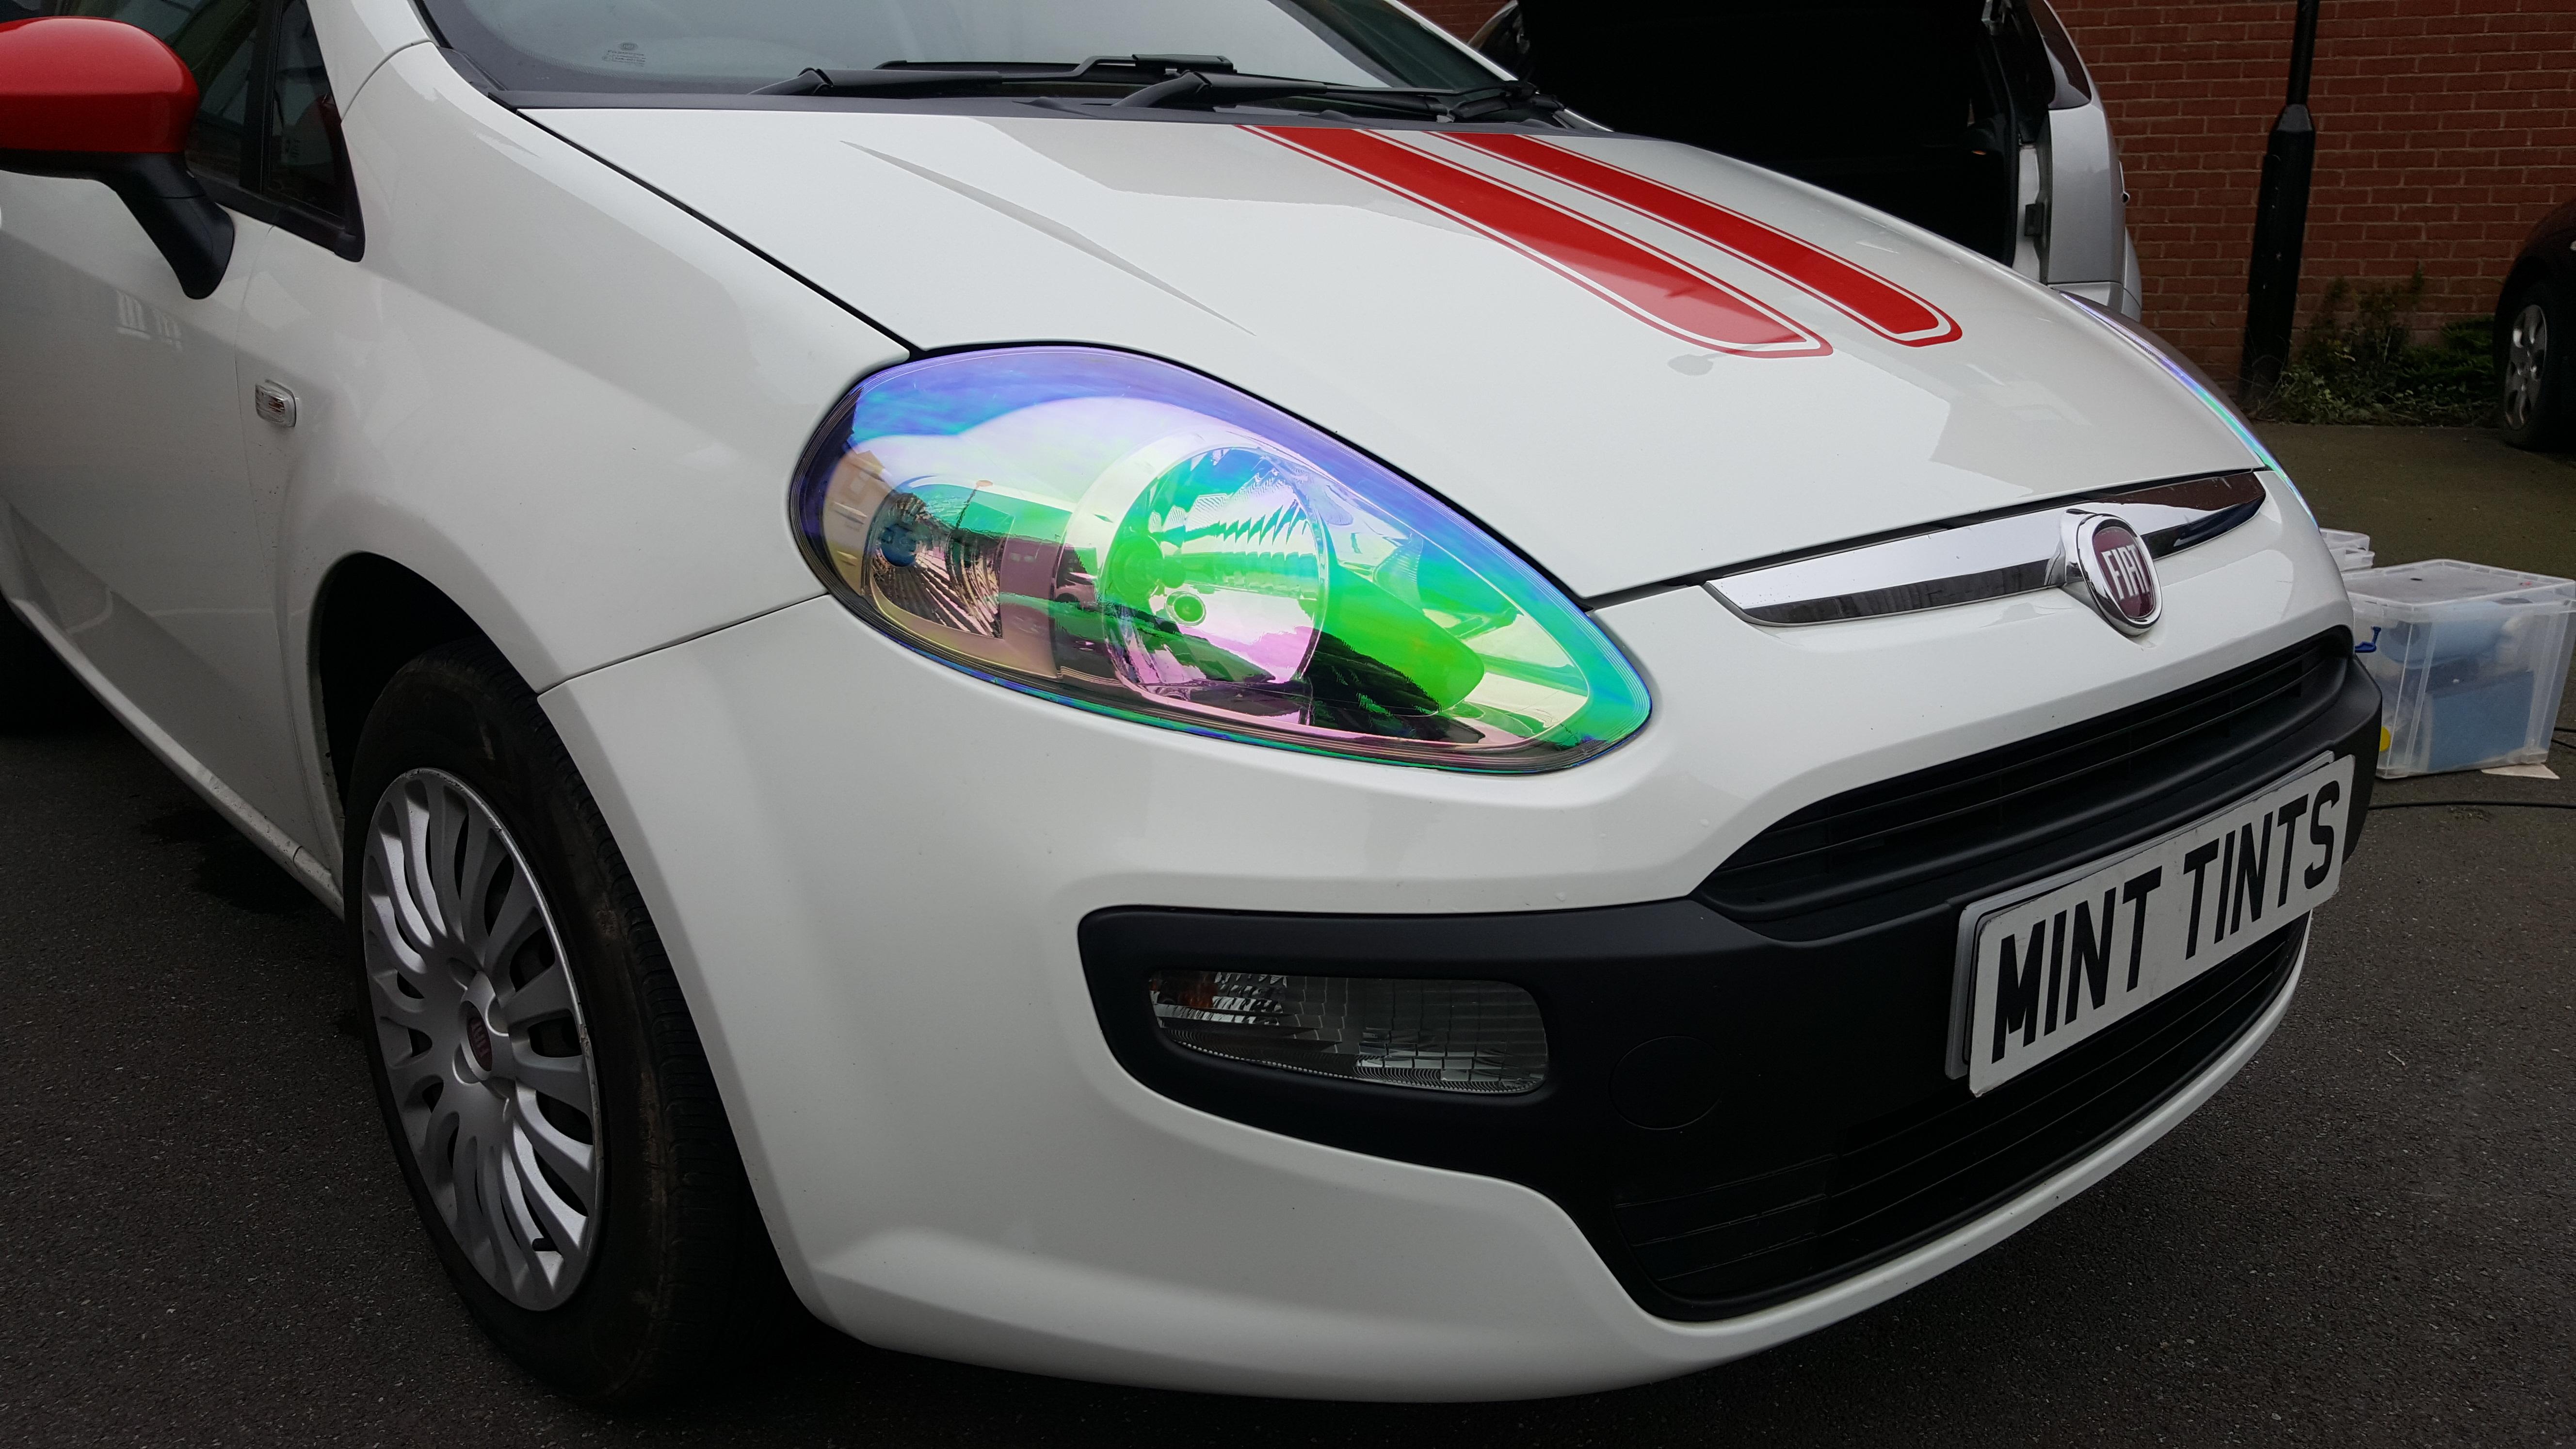 Fiat Punto - Chameleon Light Tint